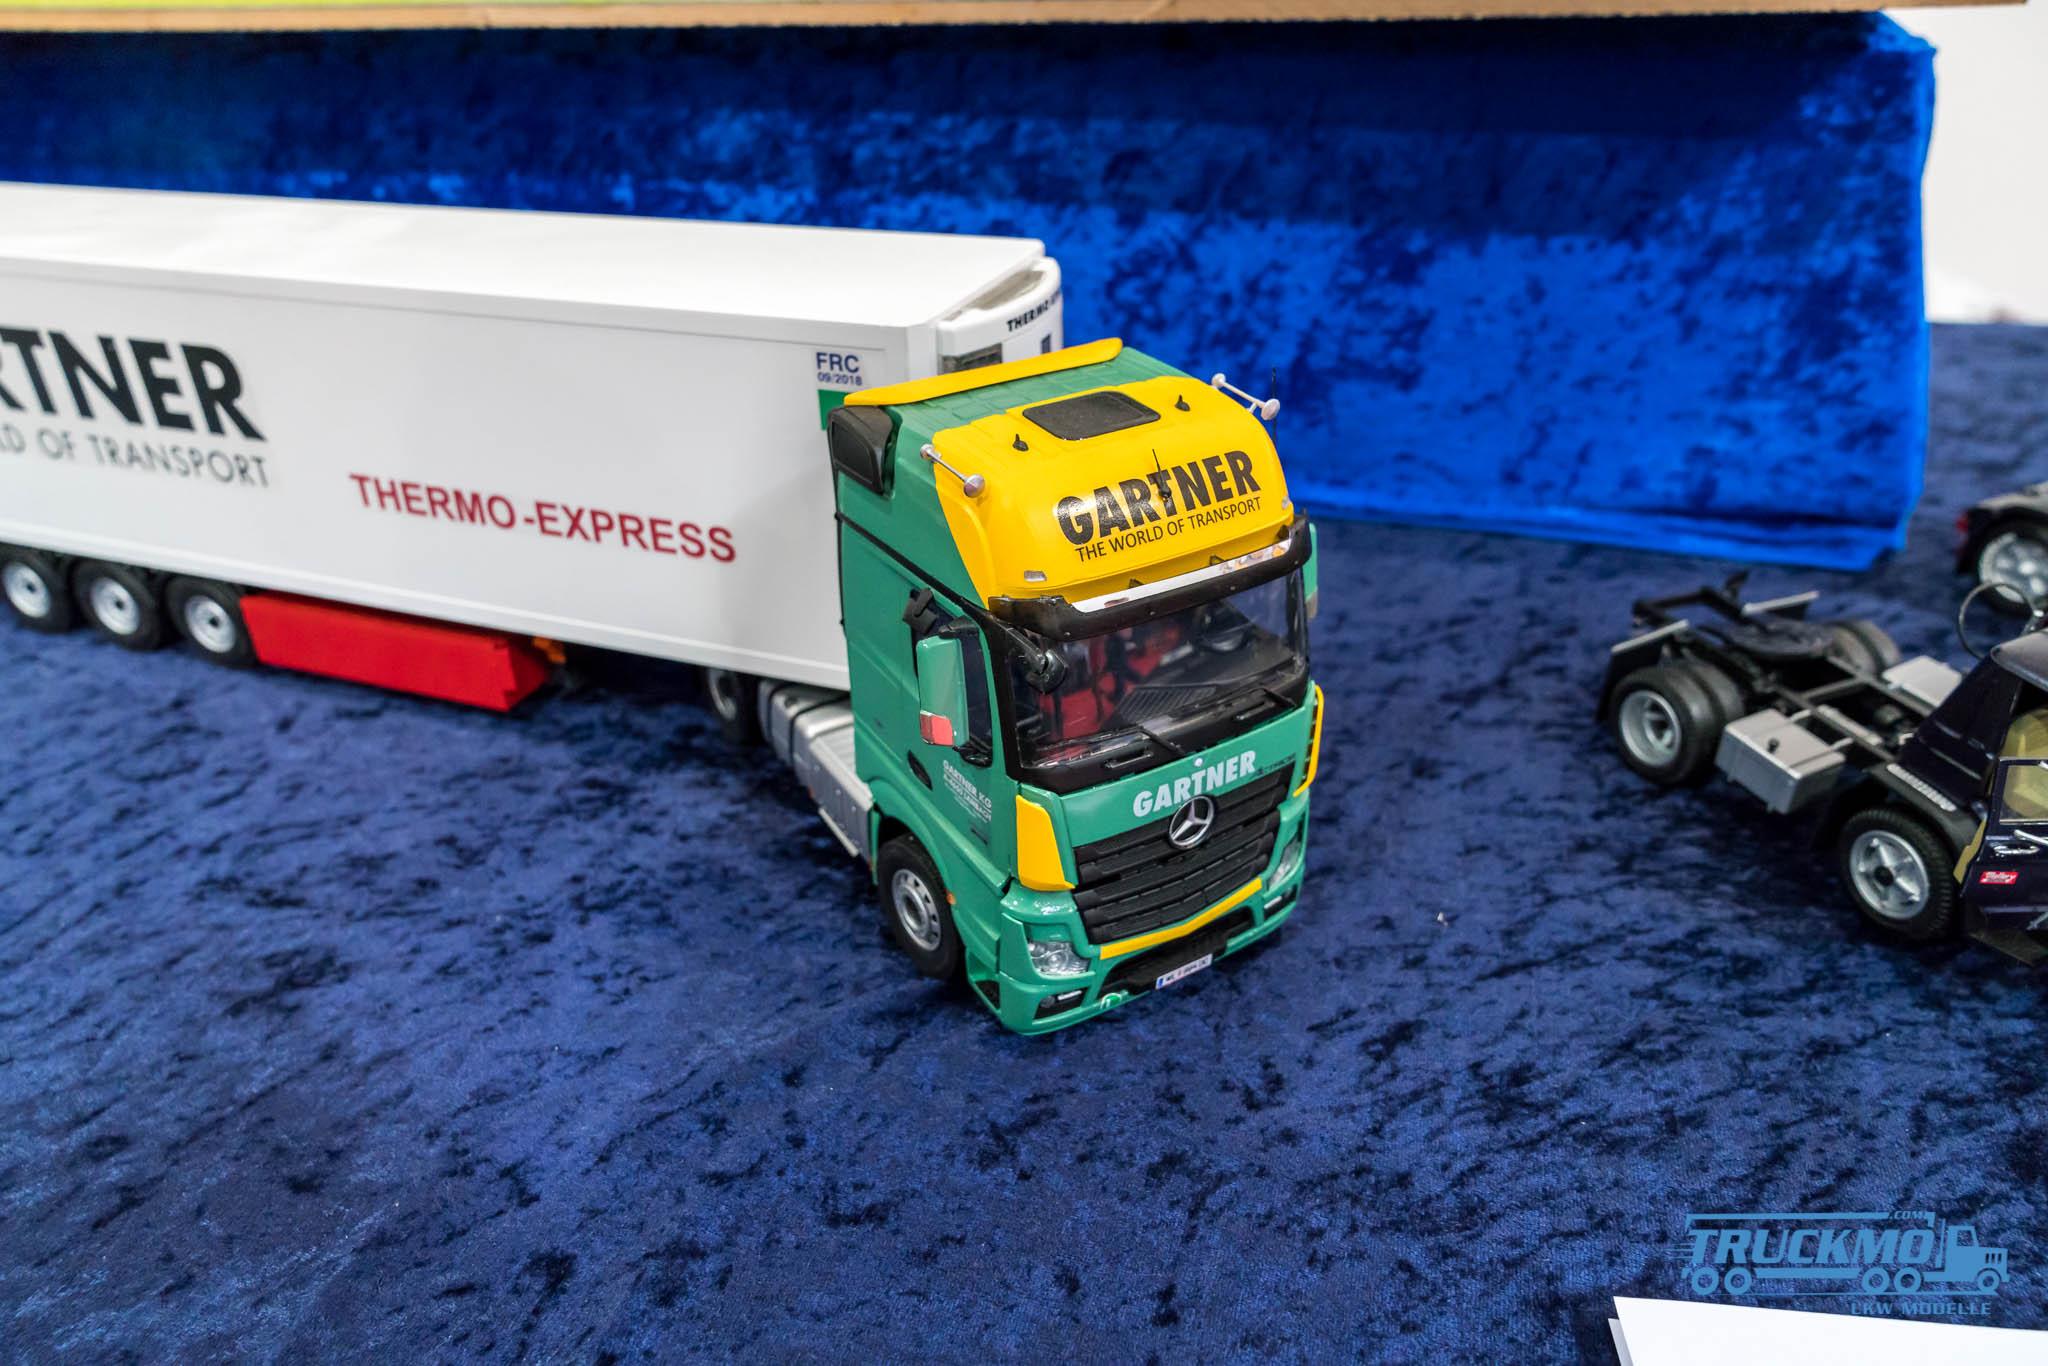 Truckmo_Modellbau_Ried_2017_Herpa_Messe_Modellbauausstellung (301 von 1177)